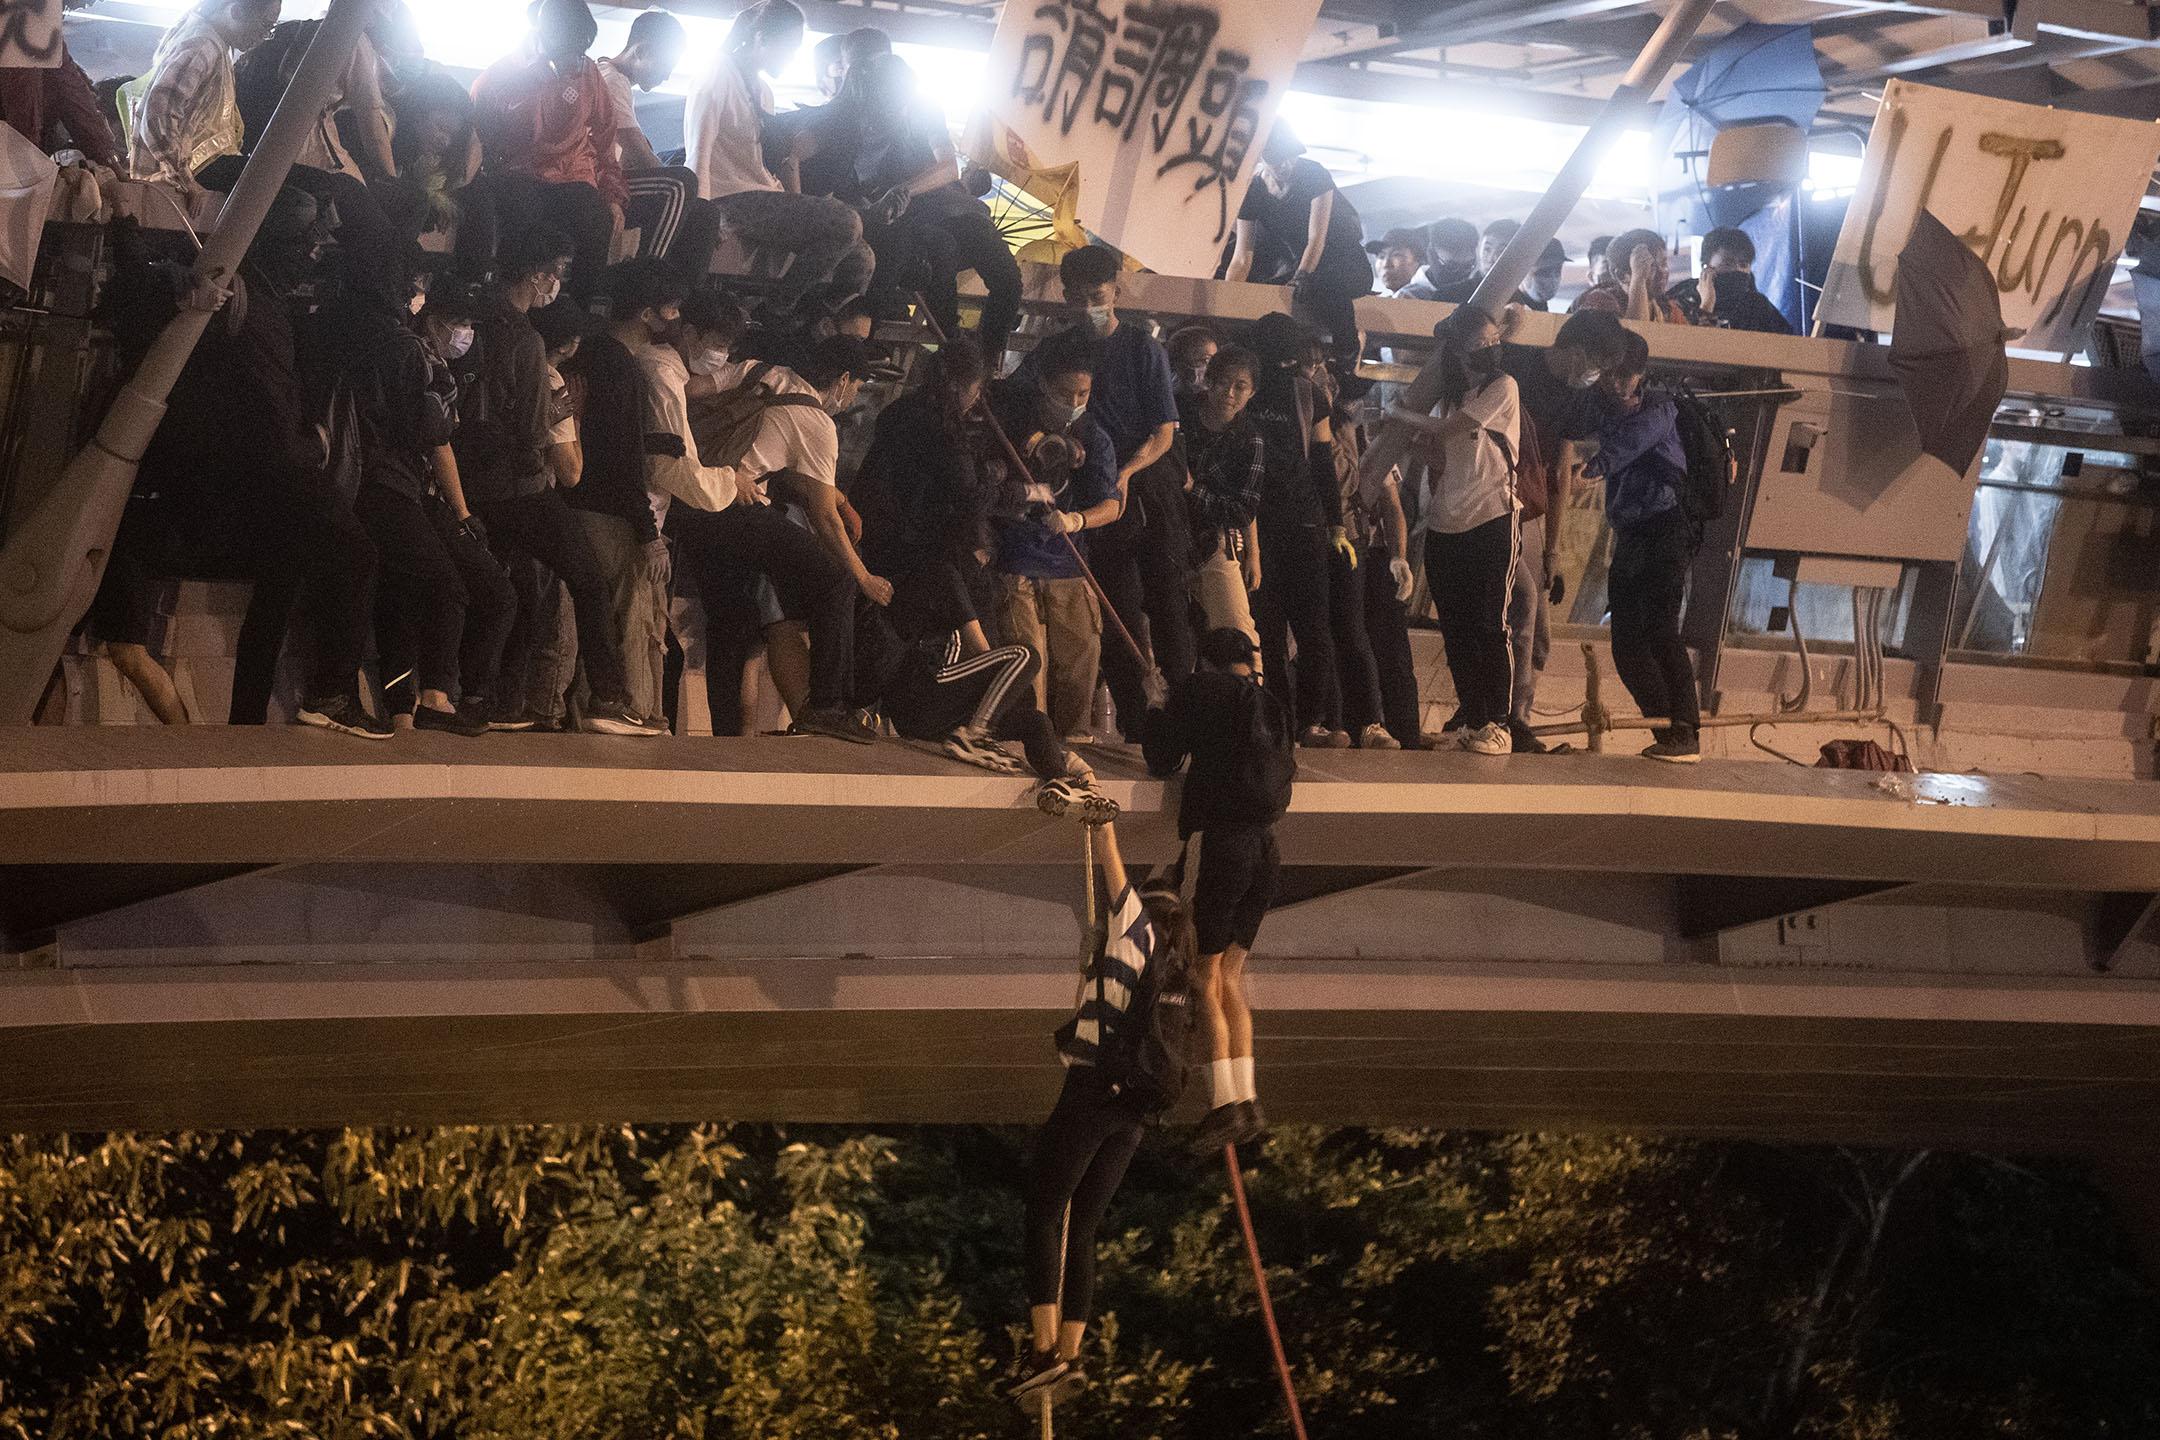 2019年11月18日,晚上九時左右,有示威者由天橋游繩到加士居道,再由義載電單車司機接走。